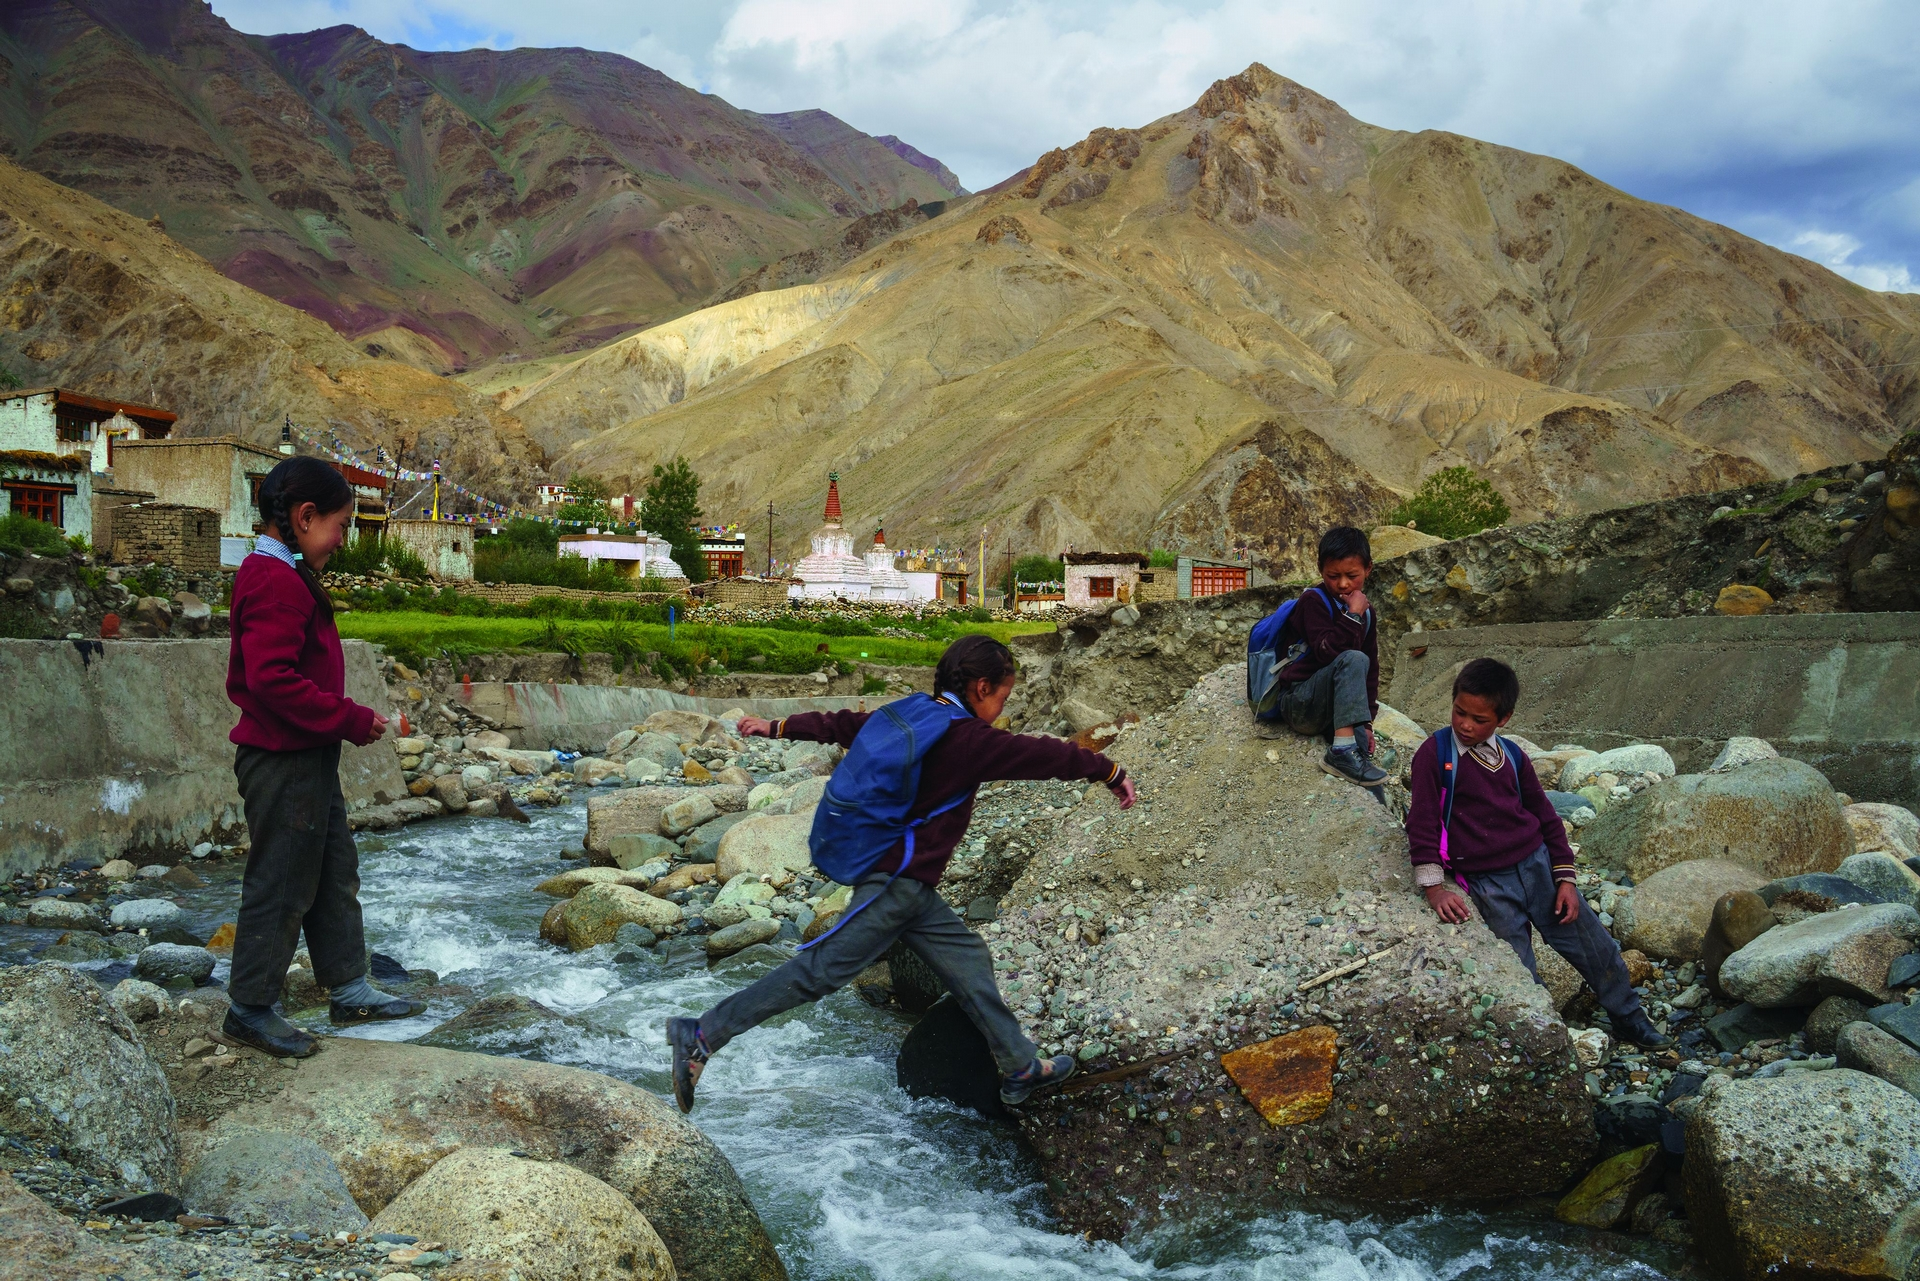 印度 拉達克吉雅村的學童跨過一條匯流入印度河的冰融河。印度河從西藏往西流向巴基斯坦的旅程中,也會流經印度最北端的乾燥高海拔地區拉達克。最近幾十年來,氣候變遷加速了注入印度河的冰河融解速度,造成空前的洪災。2014年,源自冰河湖的洪水摧毀了吉雅的兩棟房子。 PHOTO: 攝影:布蘭登.霍夫曼 BRENDAN HOFFMAN